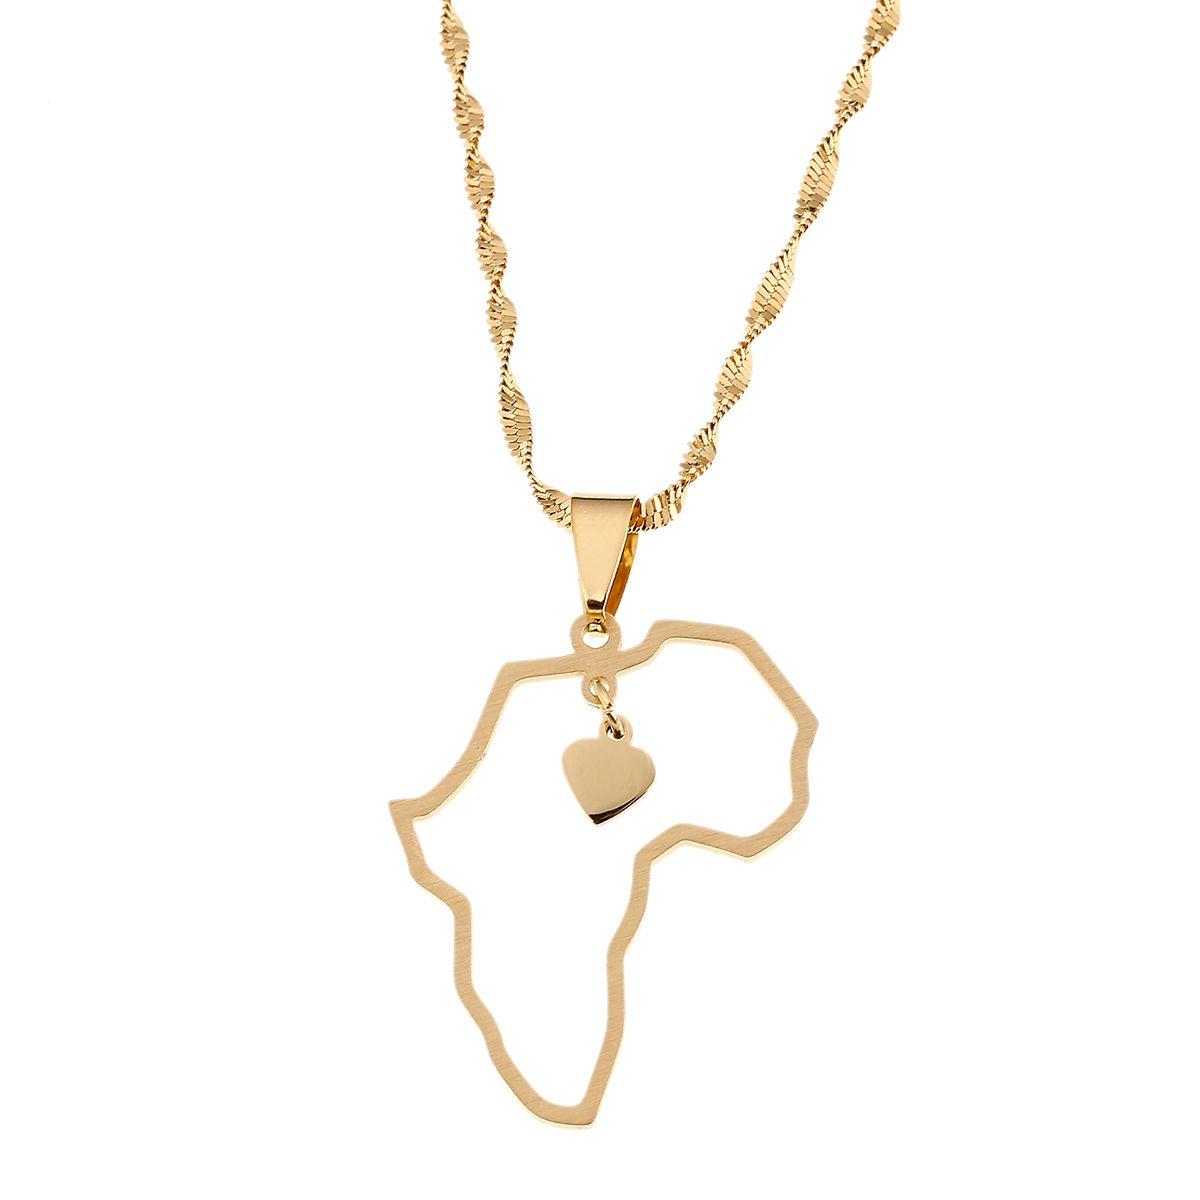 Gold überzogene Edelstahl-afrikanische Karten-hängende Halsketten-Schmuck-Herz-Charme-Karte von Afrika-Schmuck